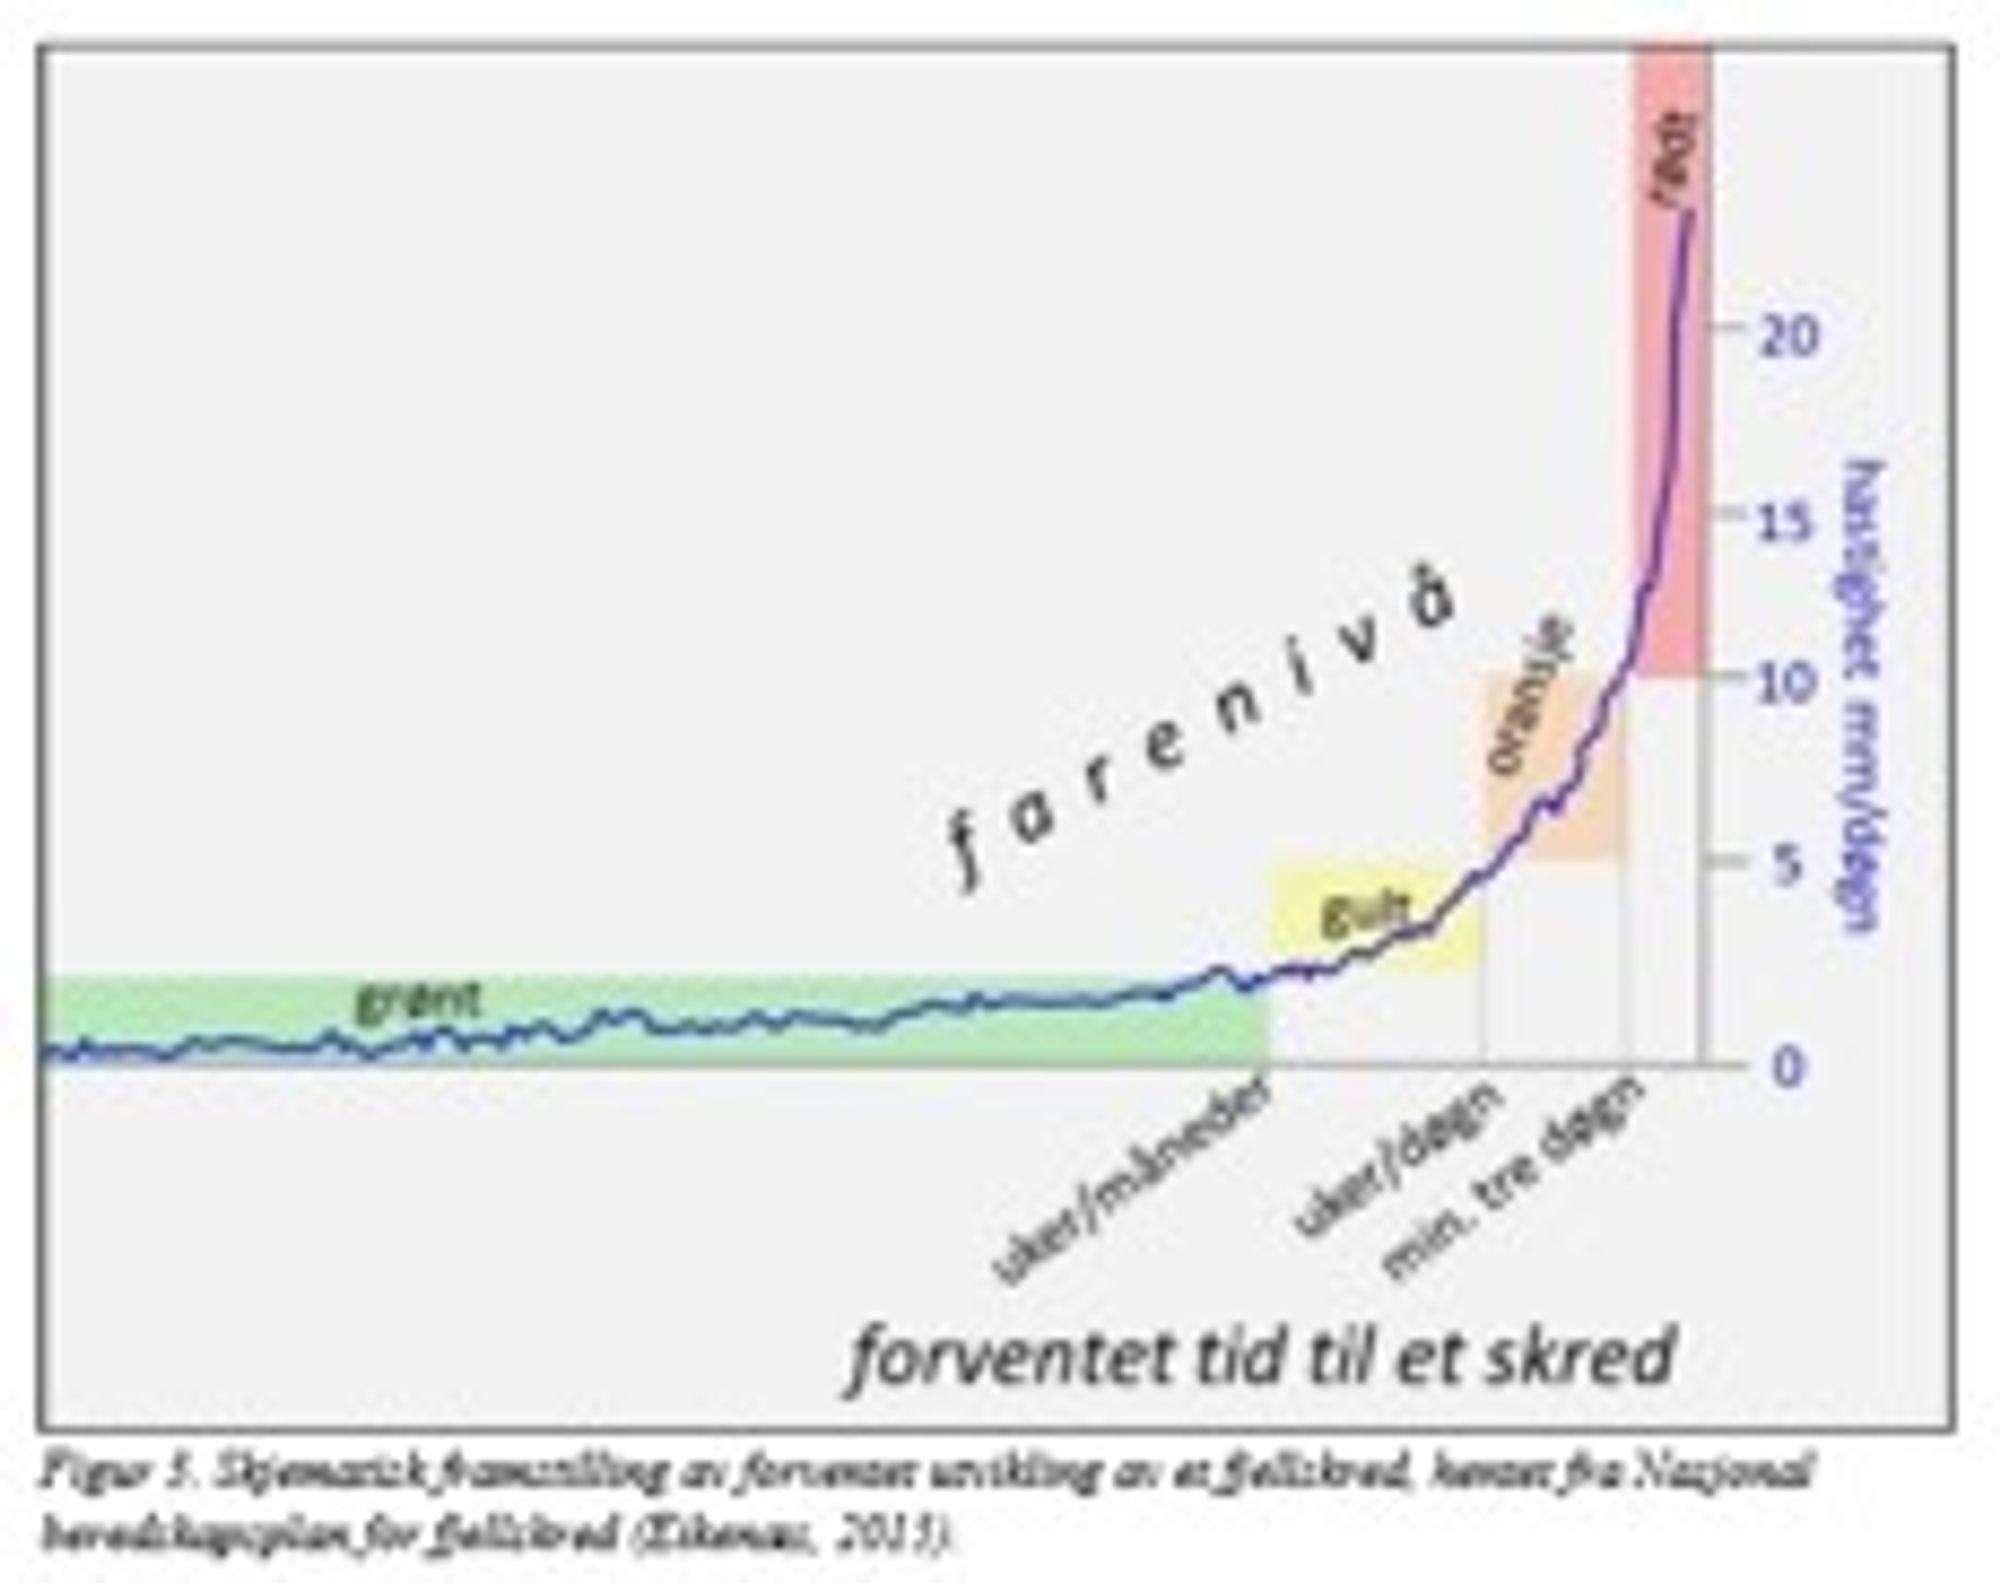 Figur 2. Skjematisk framstilling av hvordan en forventer at et fjellskred vil utvikle seg over tid.